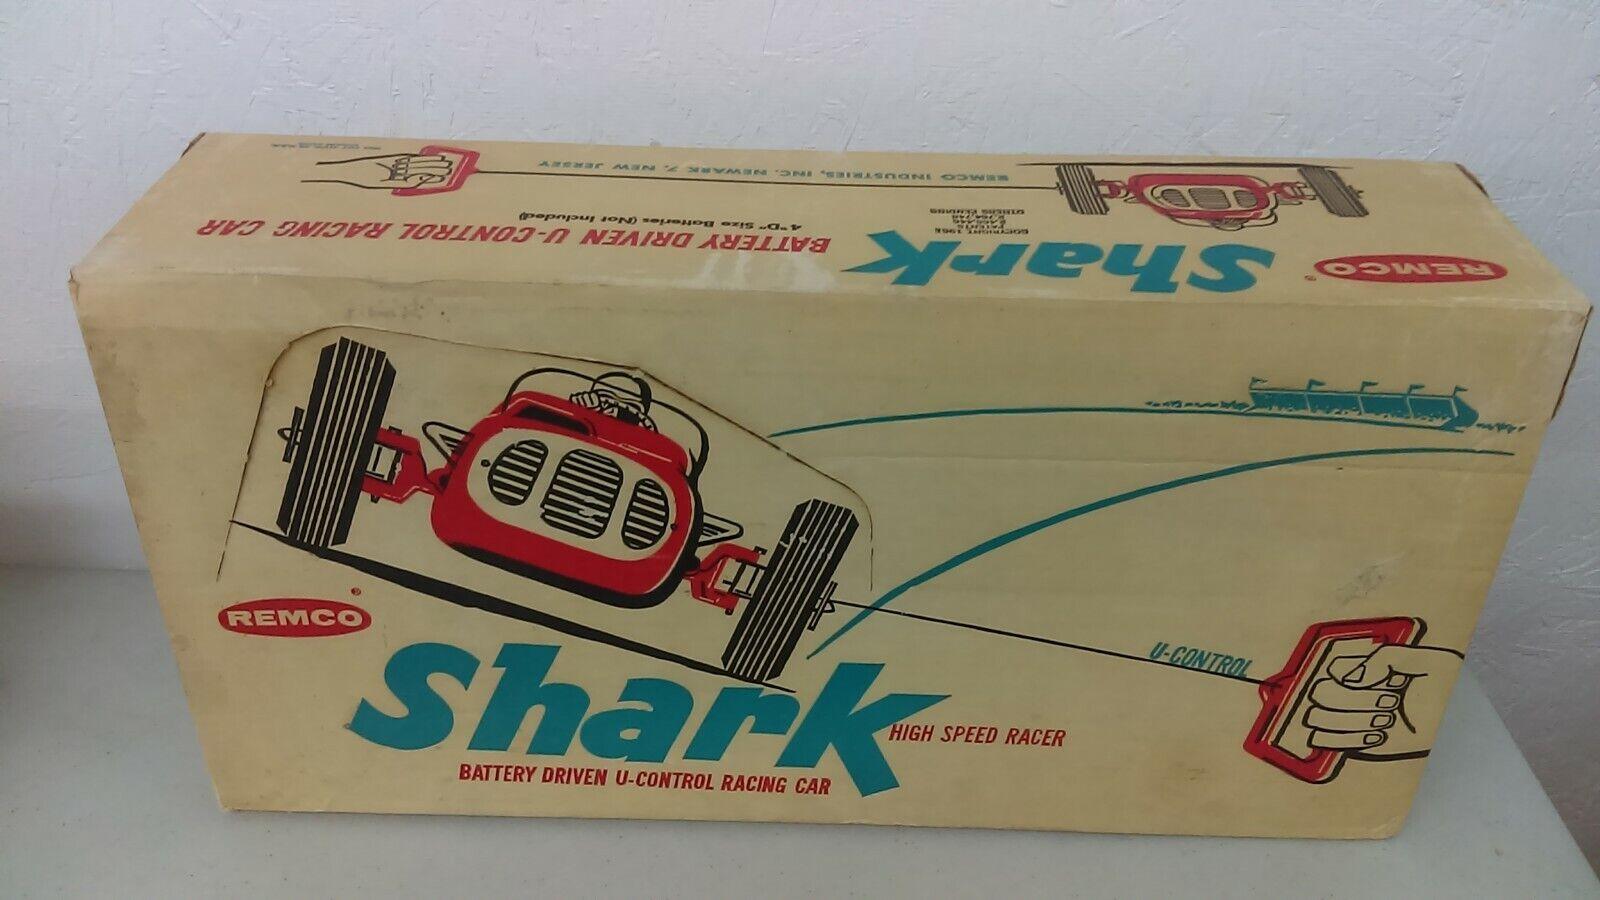 1961 Remco Shark de alta velocidad Racer Con Pilas Menta en caja nunca quitado de la caja nuevo viejo stock nunca usado